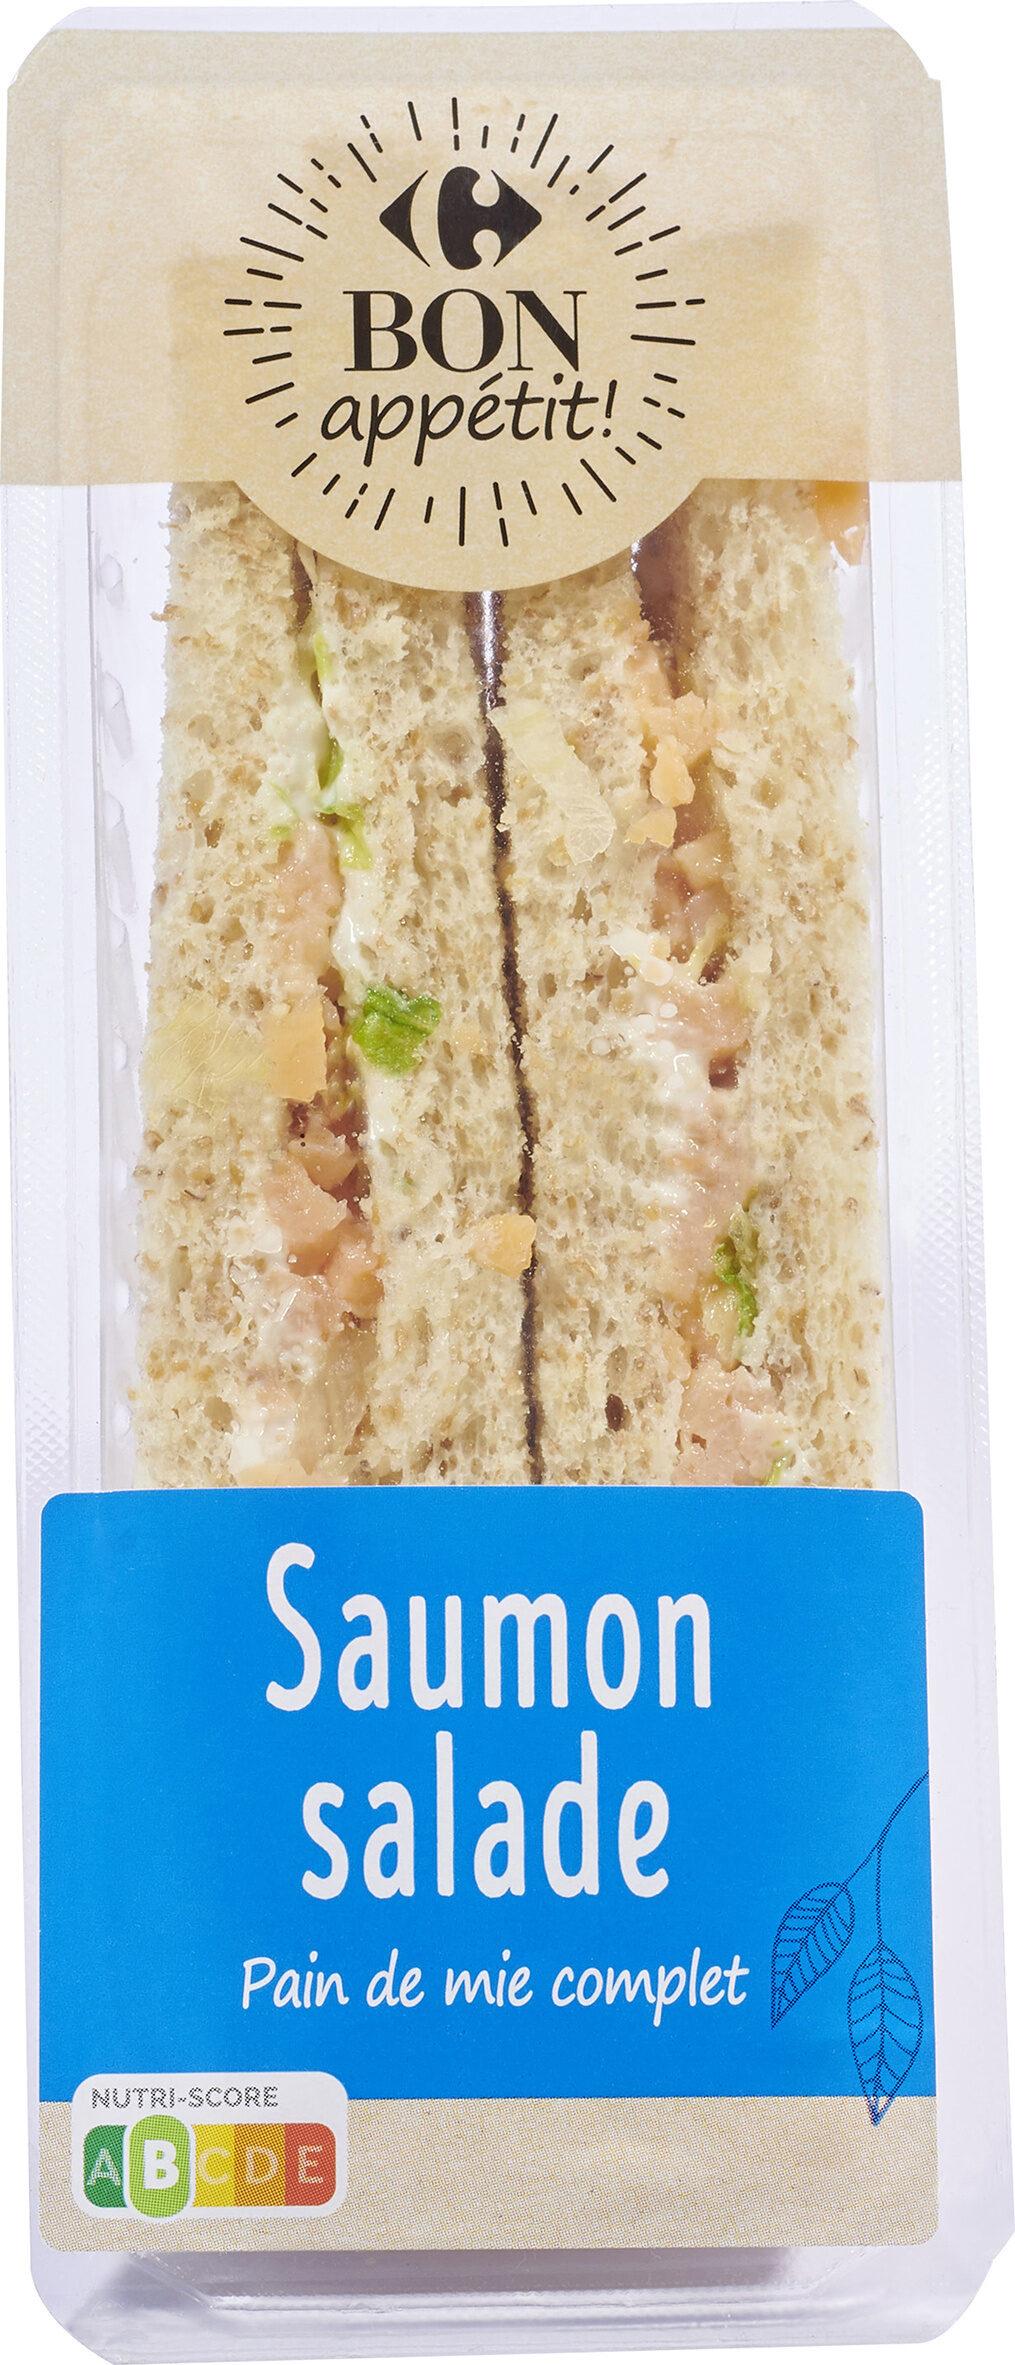 Saumon Salade Pain de mie complet bon appétit - Produit - fr